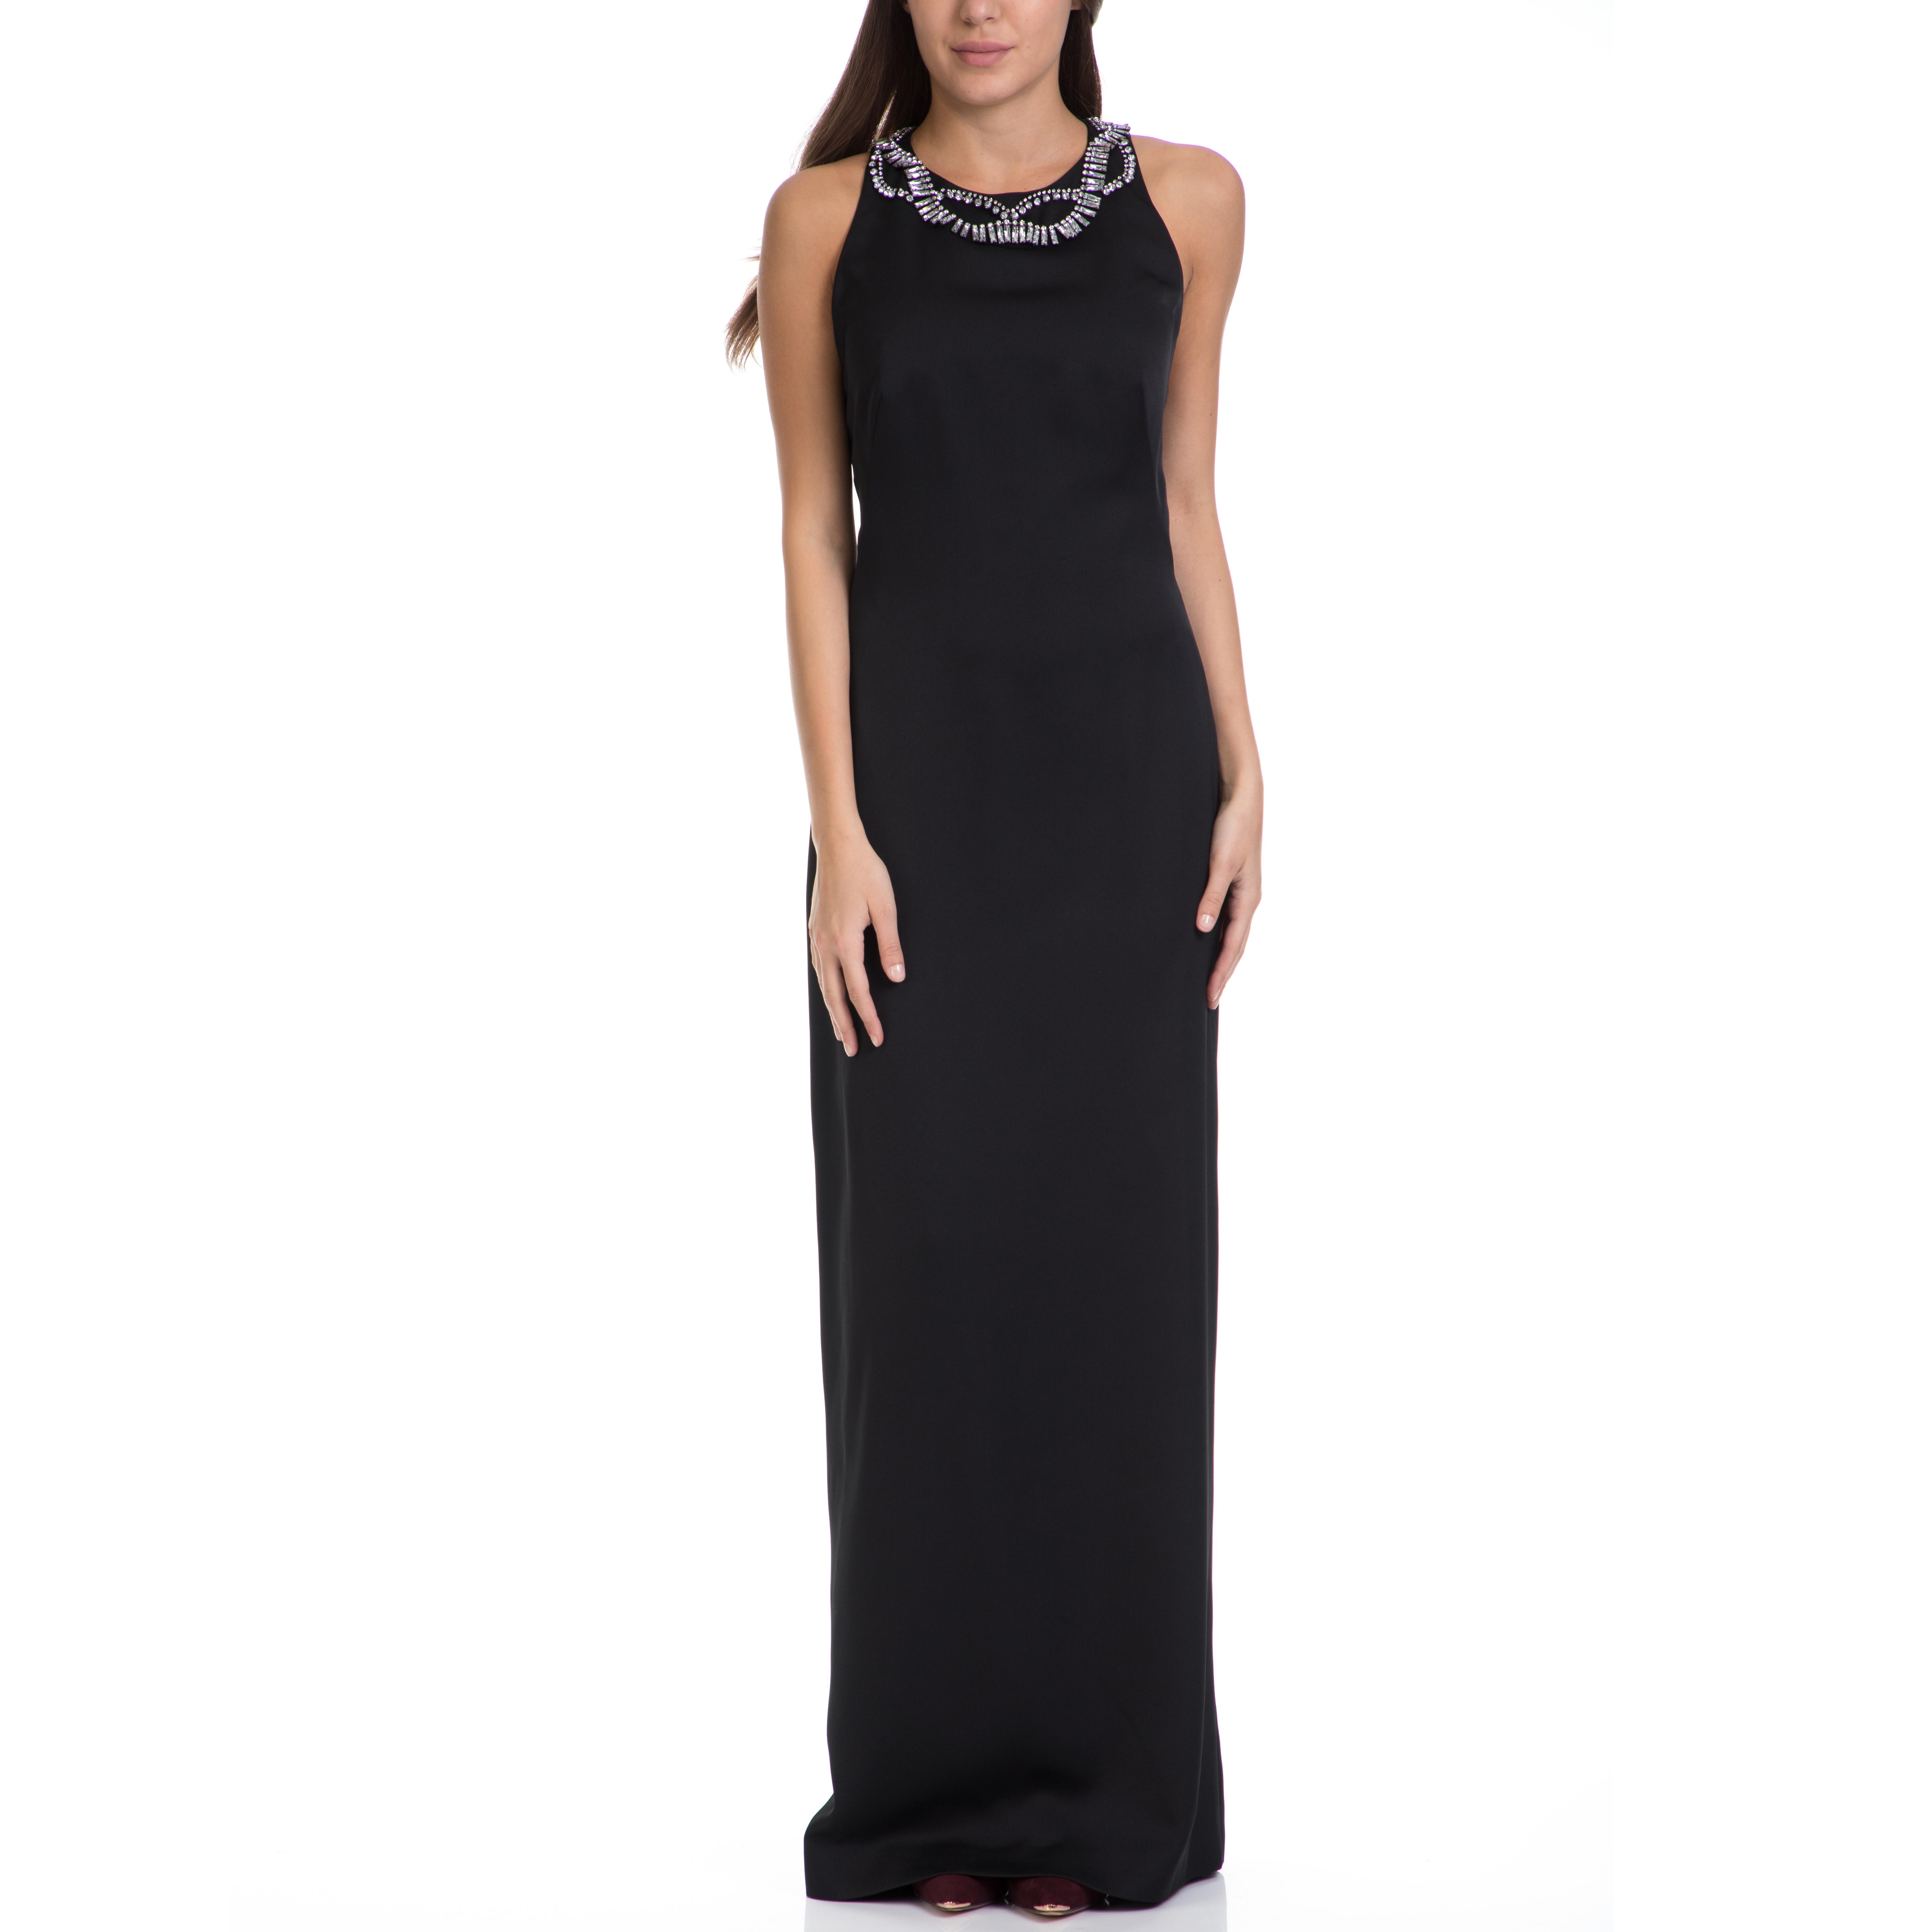 TED BAKER - Γυναικείο μακρύ φόρεμα FERAHH TED BAKER μαύρο γυναικεία ρούχα φορέματα μάξι